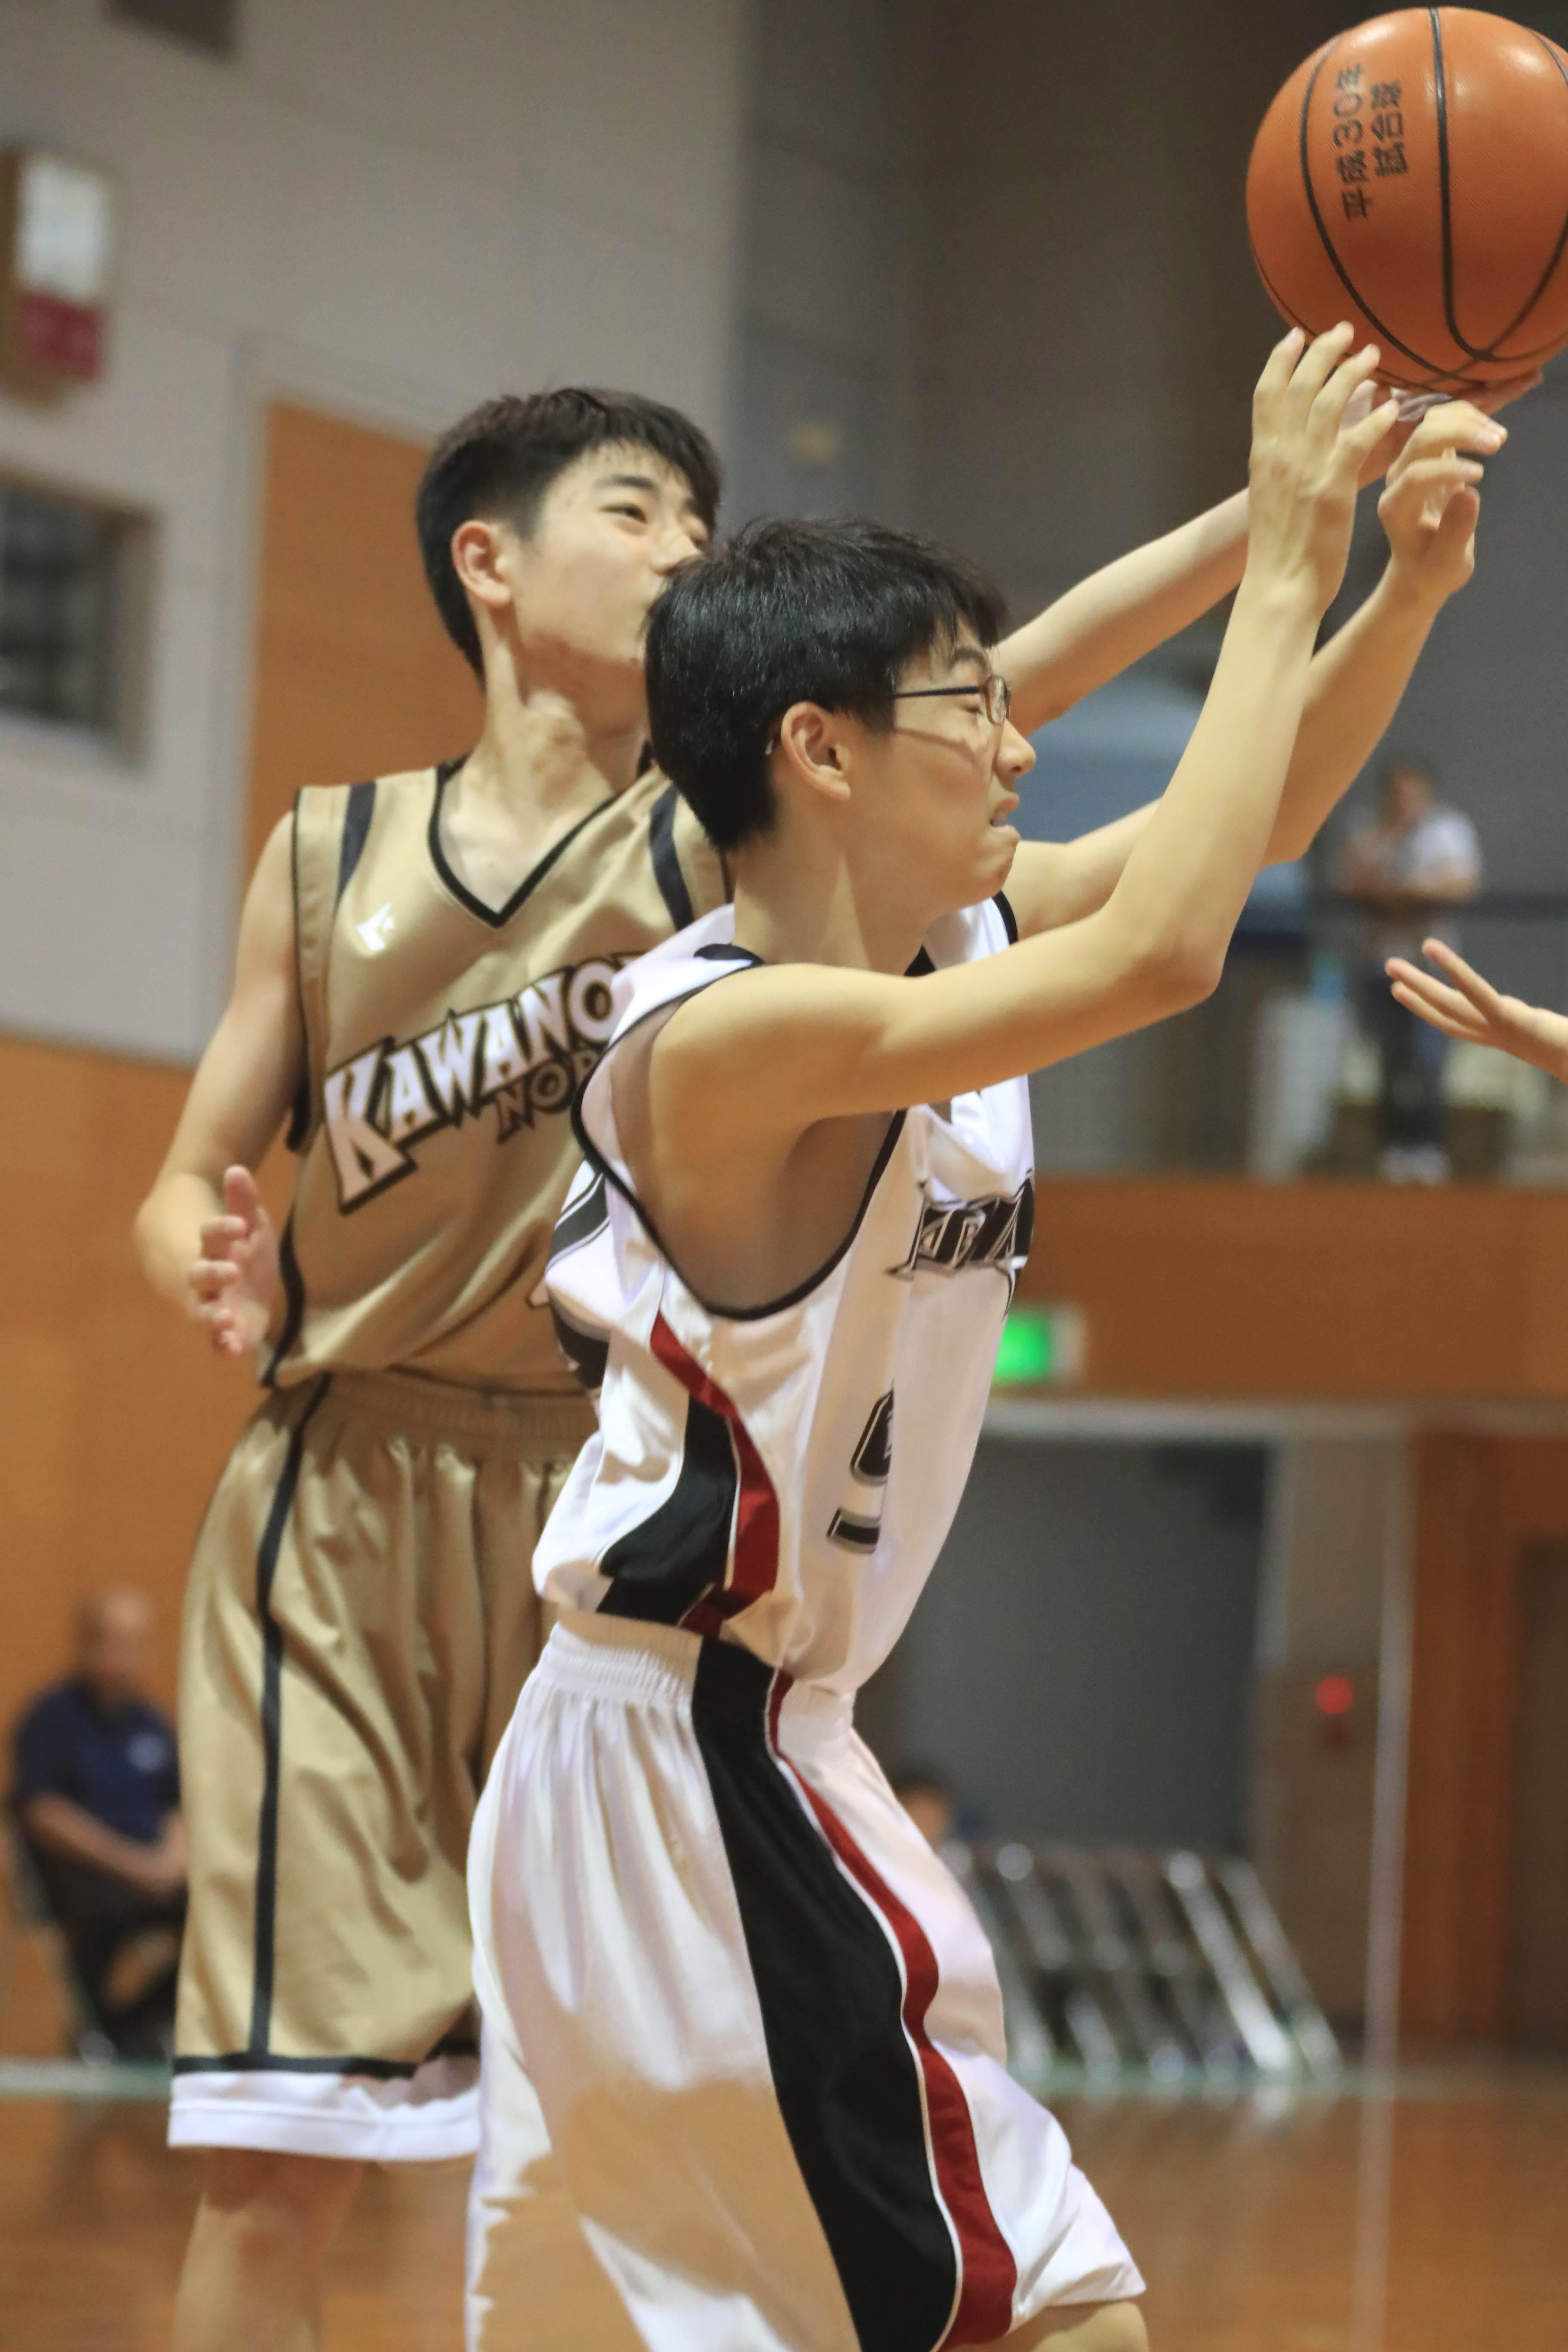 バスケットボール (14)